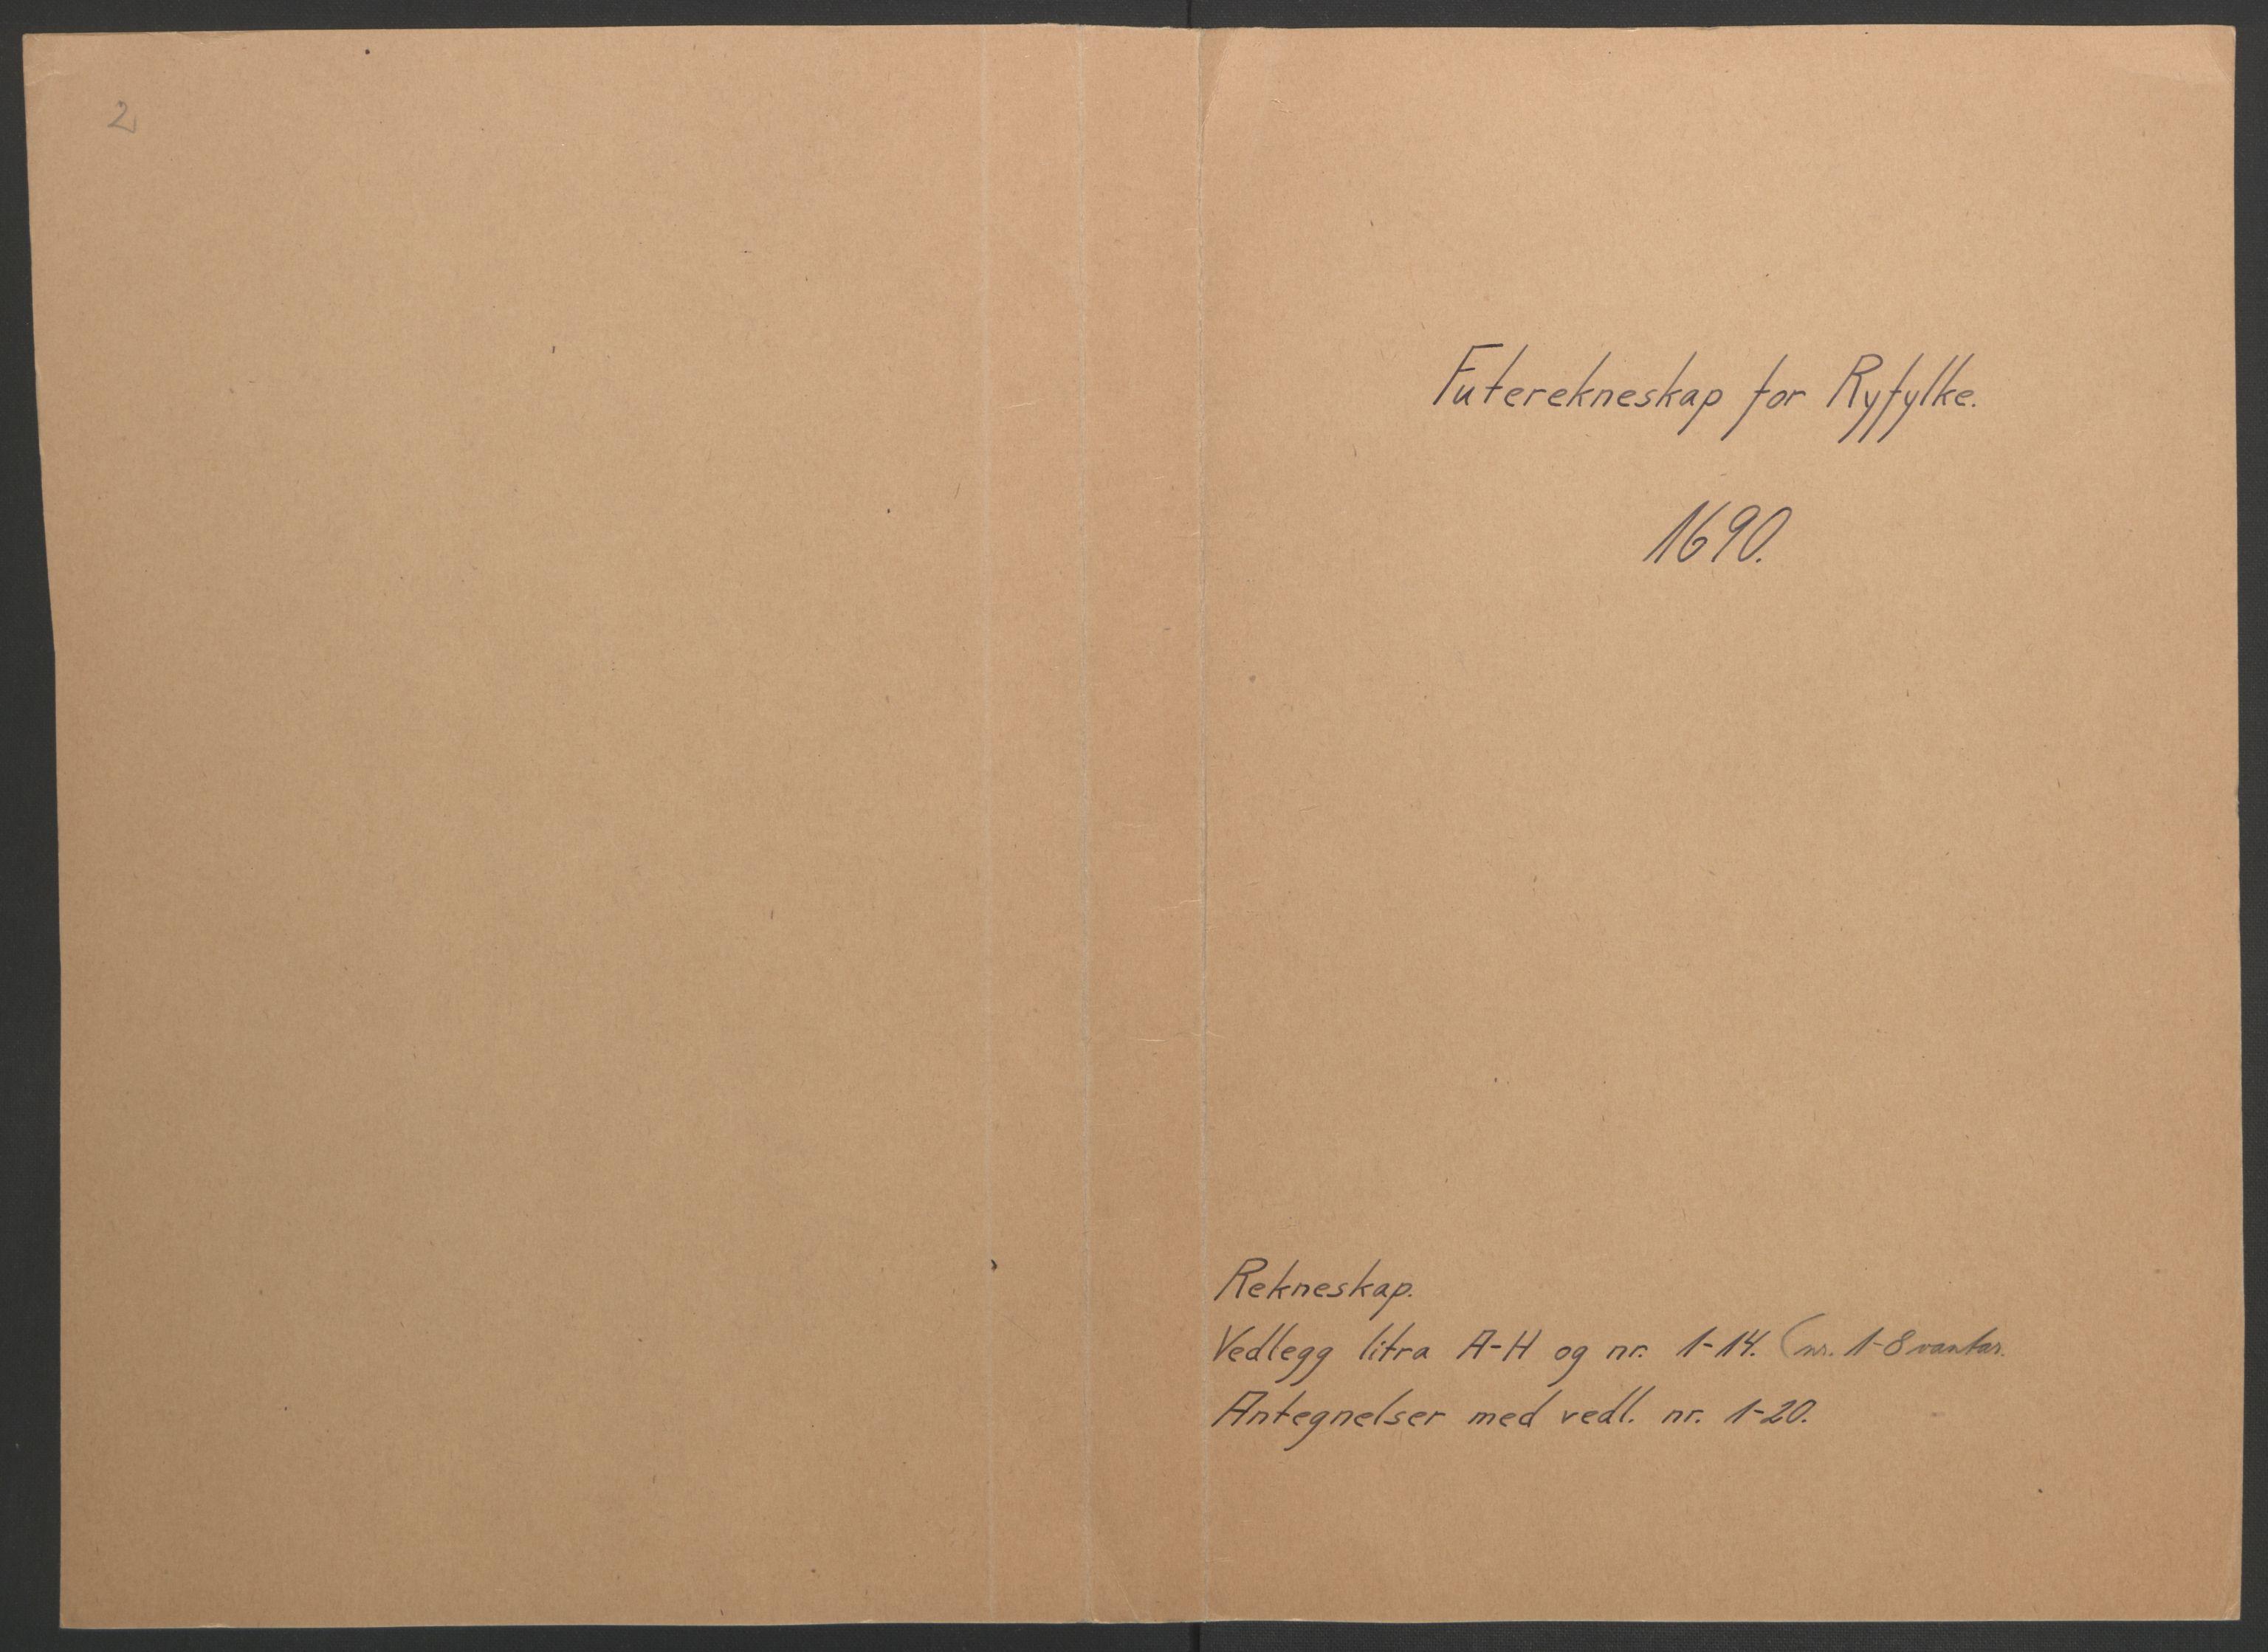 RA, Rentekammeret inntil 1814, Reviderte regnskaper, Fogderegnskap, R47/L2856: Fogderegnskap Ryfylke, 1689-1693, s. 150